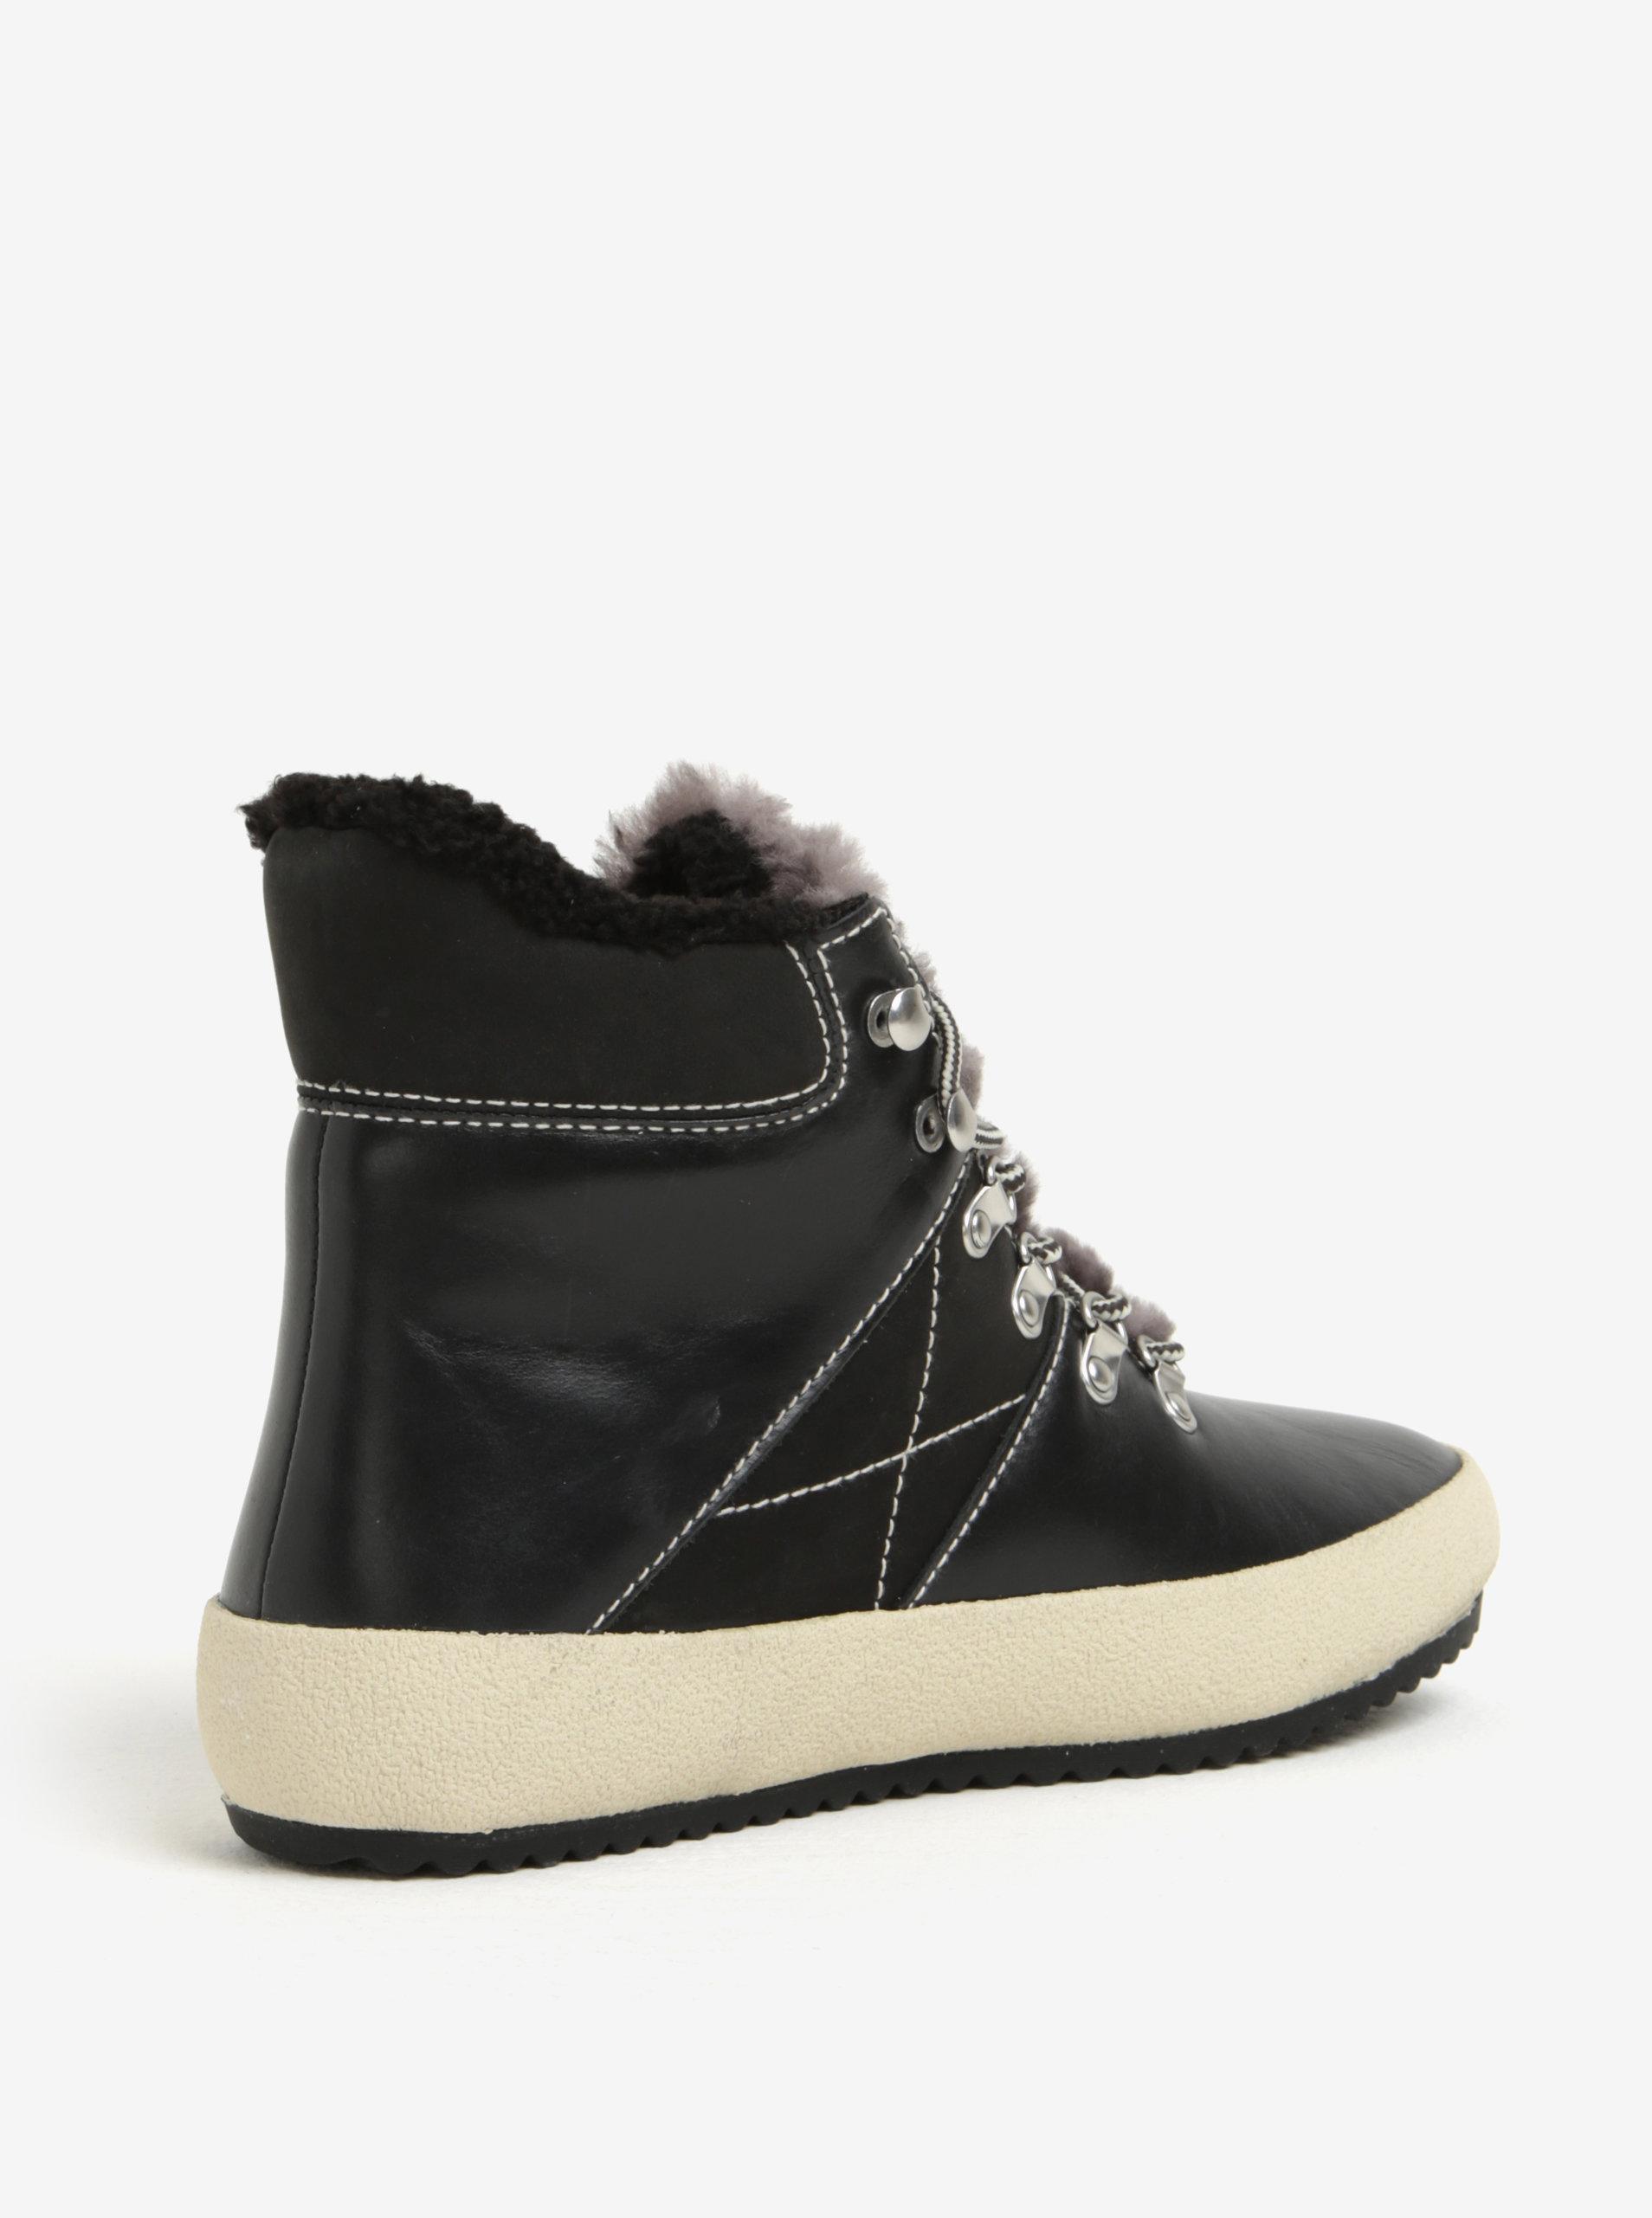 Černé dámské kožené zateplené kotníkové boty GANT Amy ... 22e7a3cc0ec